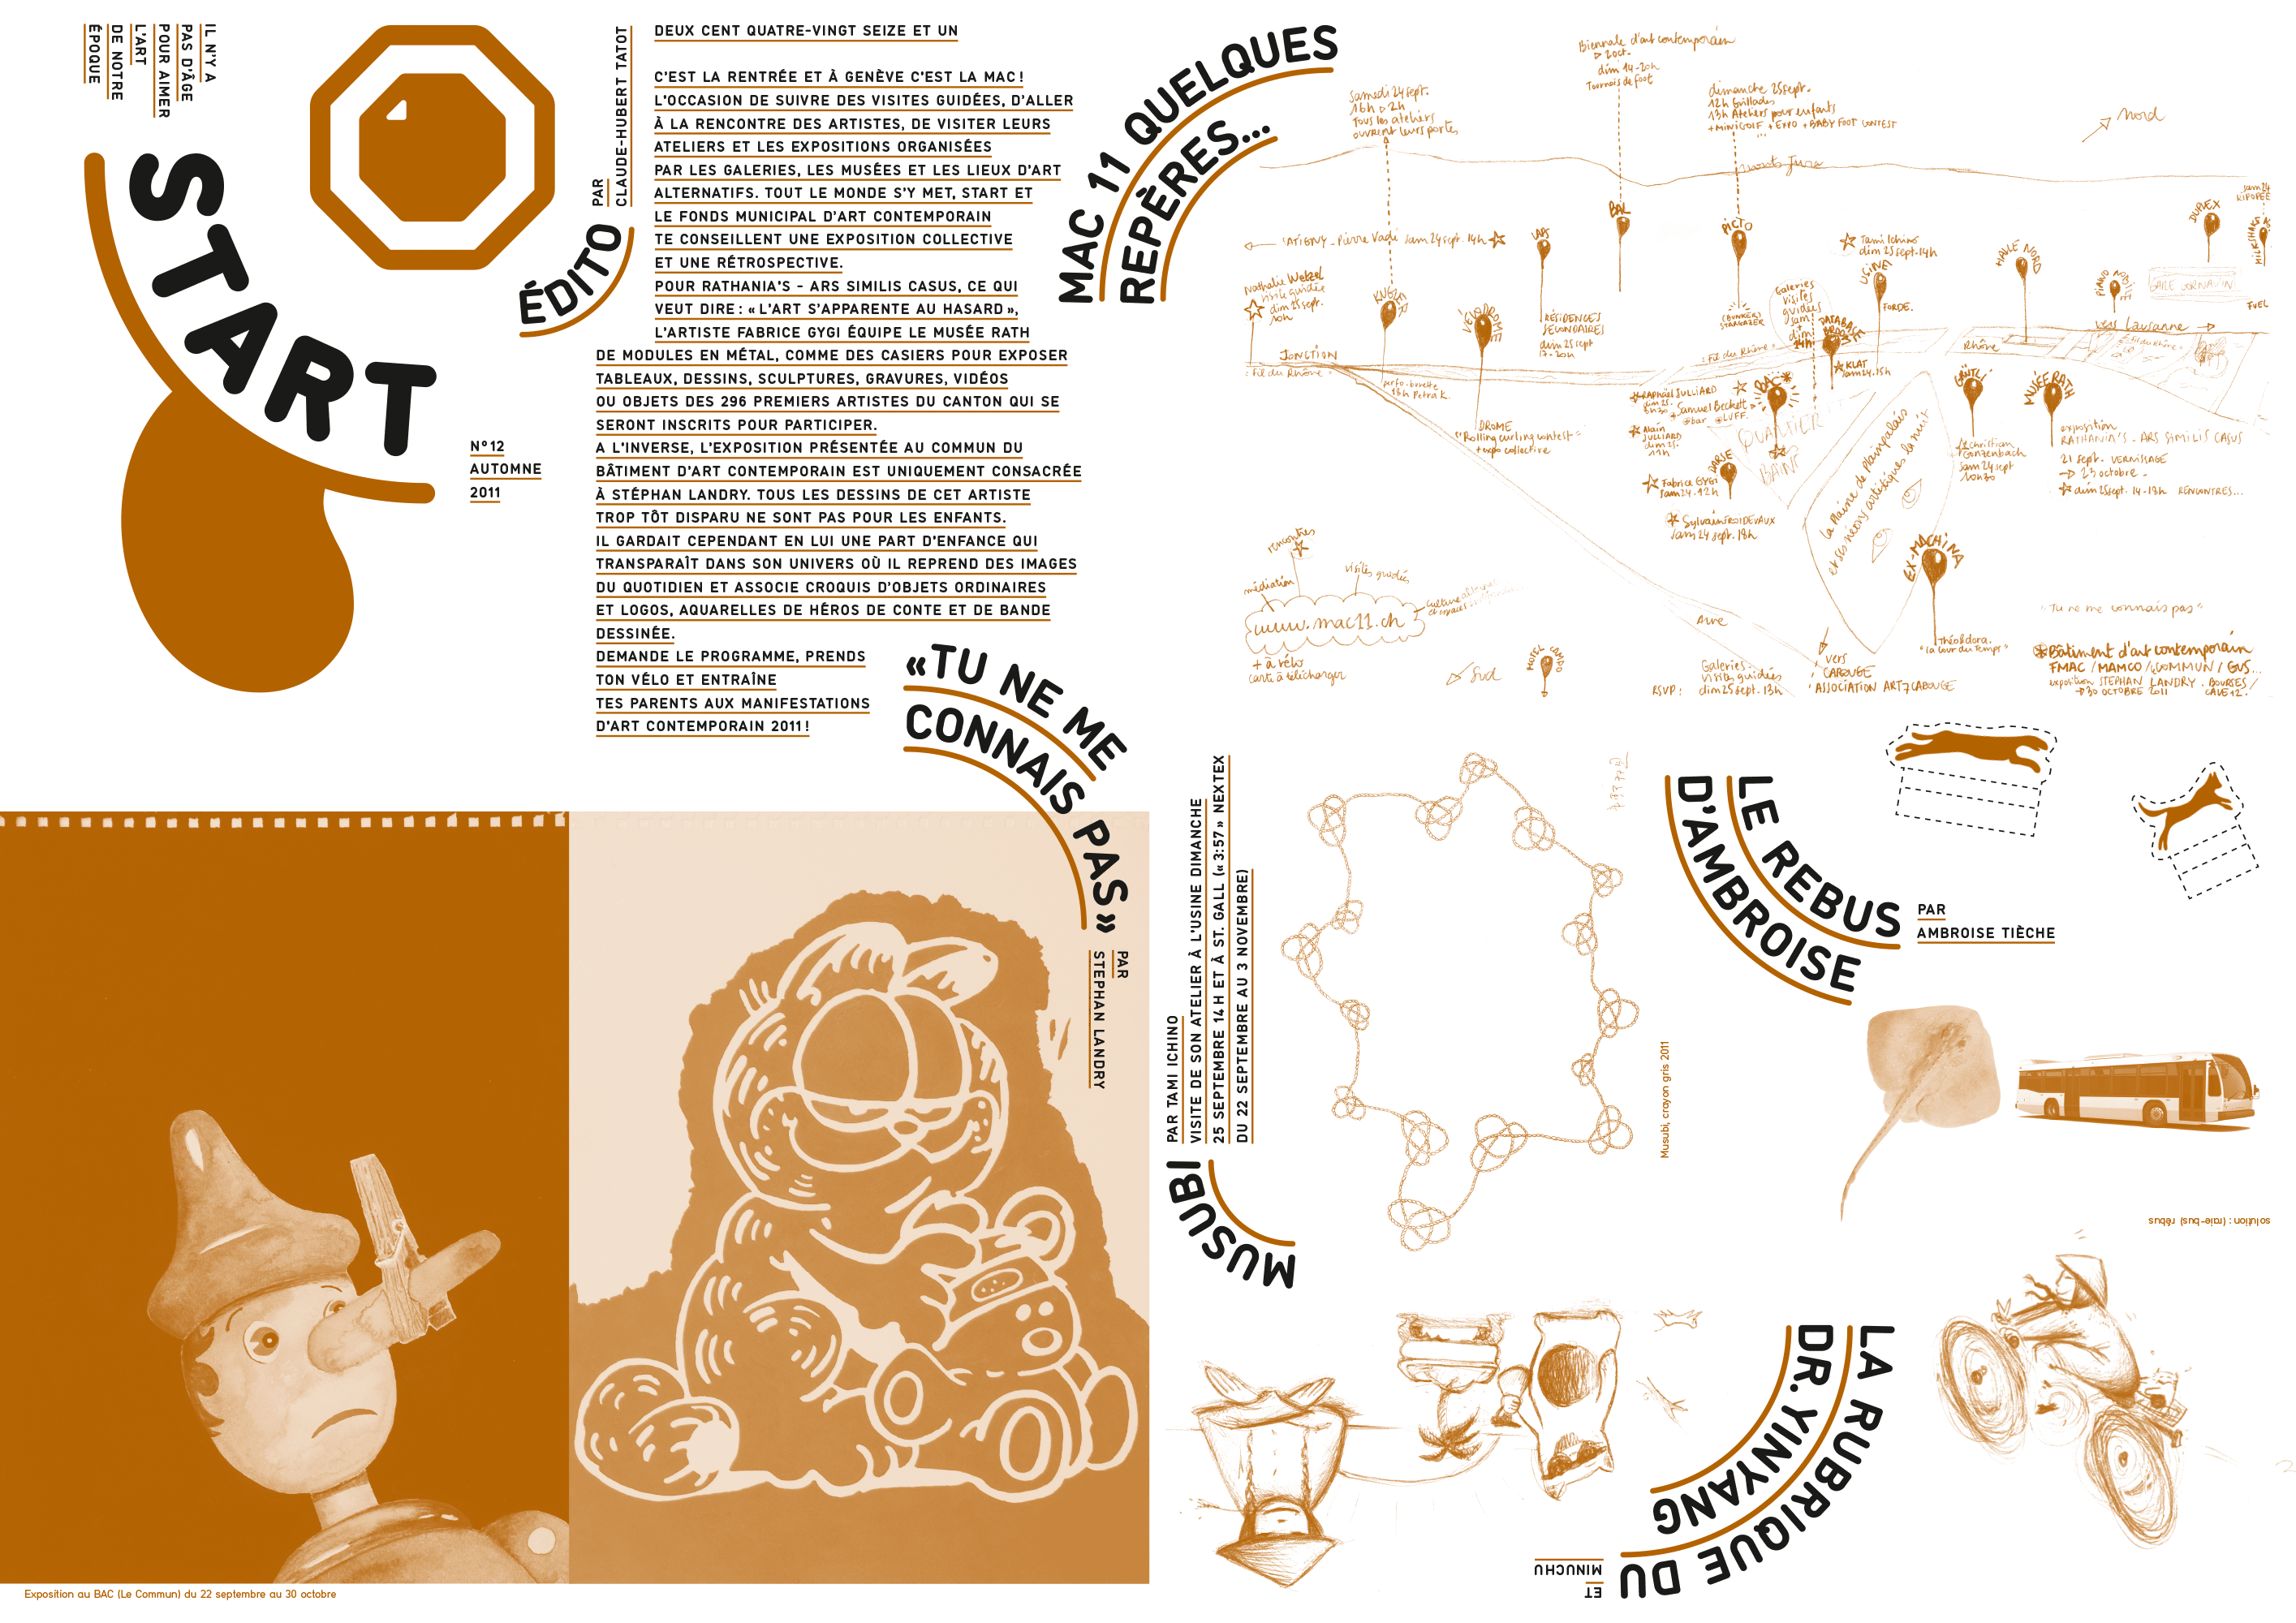 Magazine/dépliant d'art contemporain pour les enfants, édité par Claude-Hubert Tatot et Alexia Turlin, inséré dans le Kunstbulletin (recto)